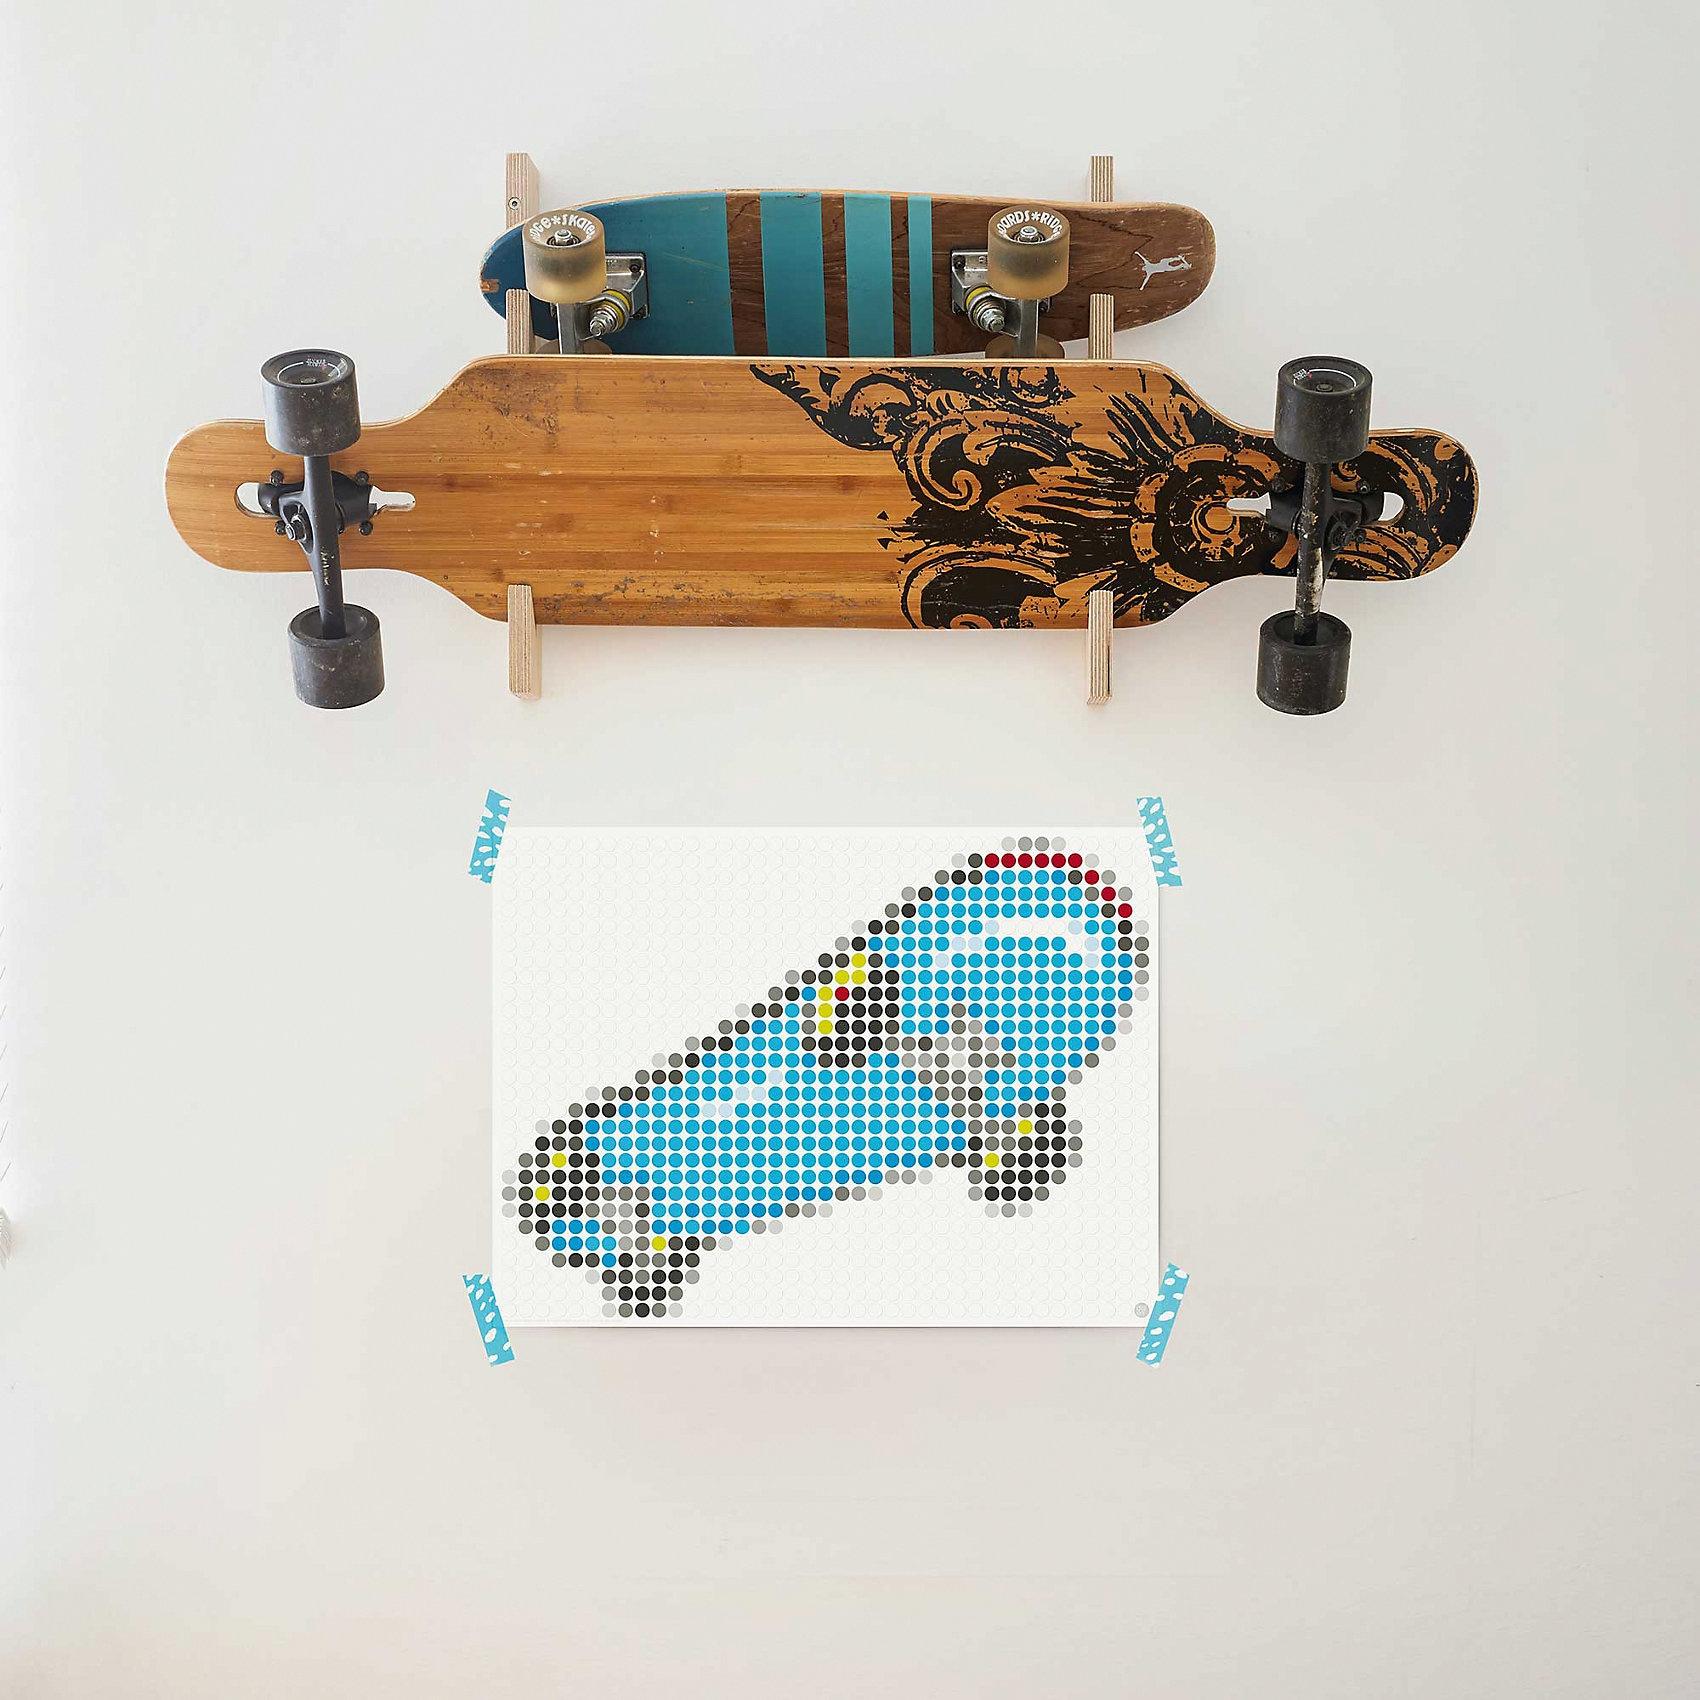 dot on art teen skate 30 x 40 cm